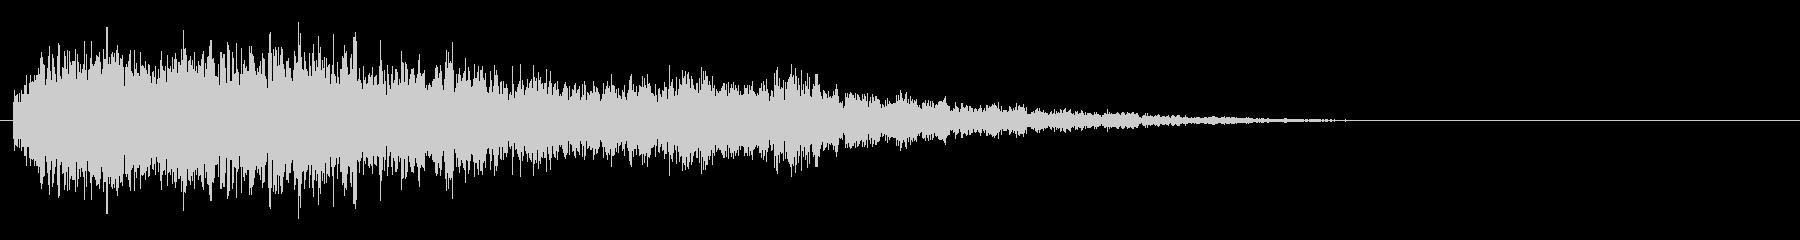 サスペンスピアノ音_18-2の未再生の波形